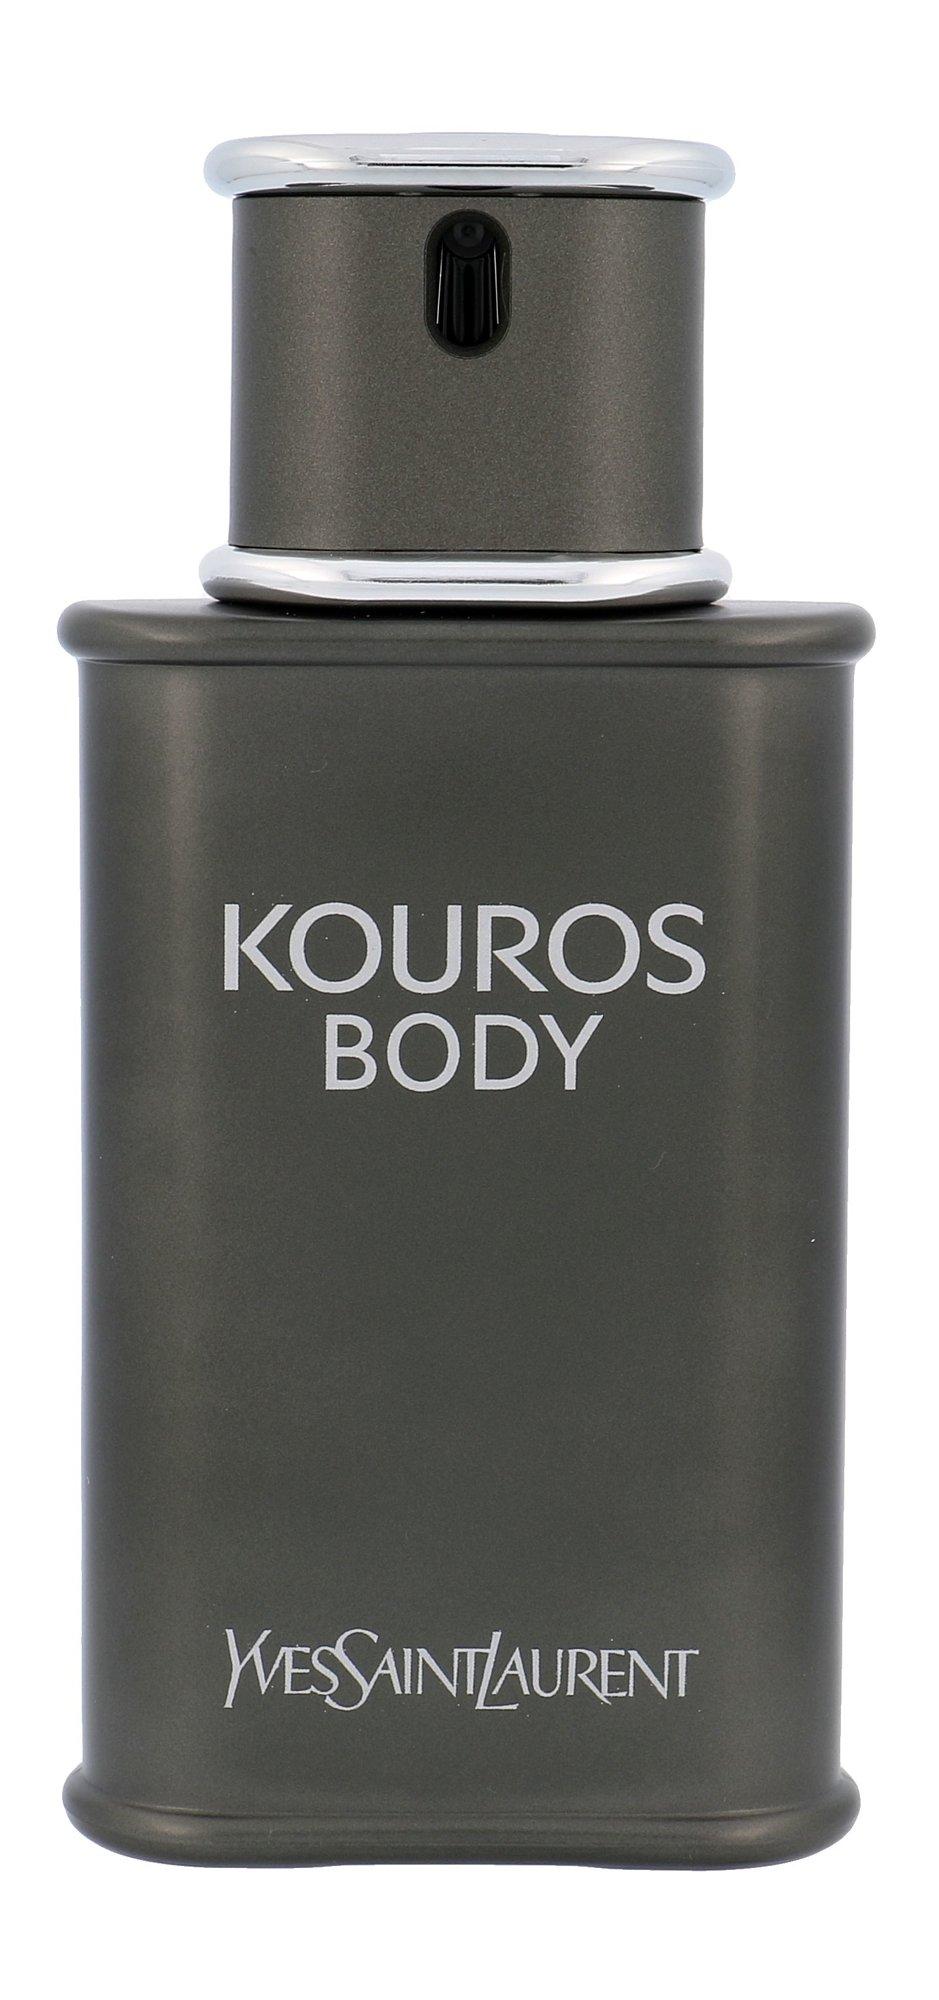 Yves Saint Laurent Body Kouros EDT 100ml